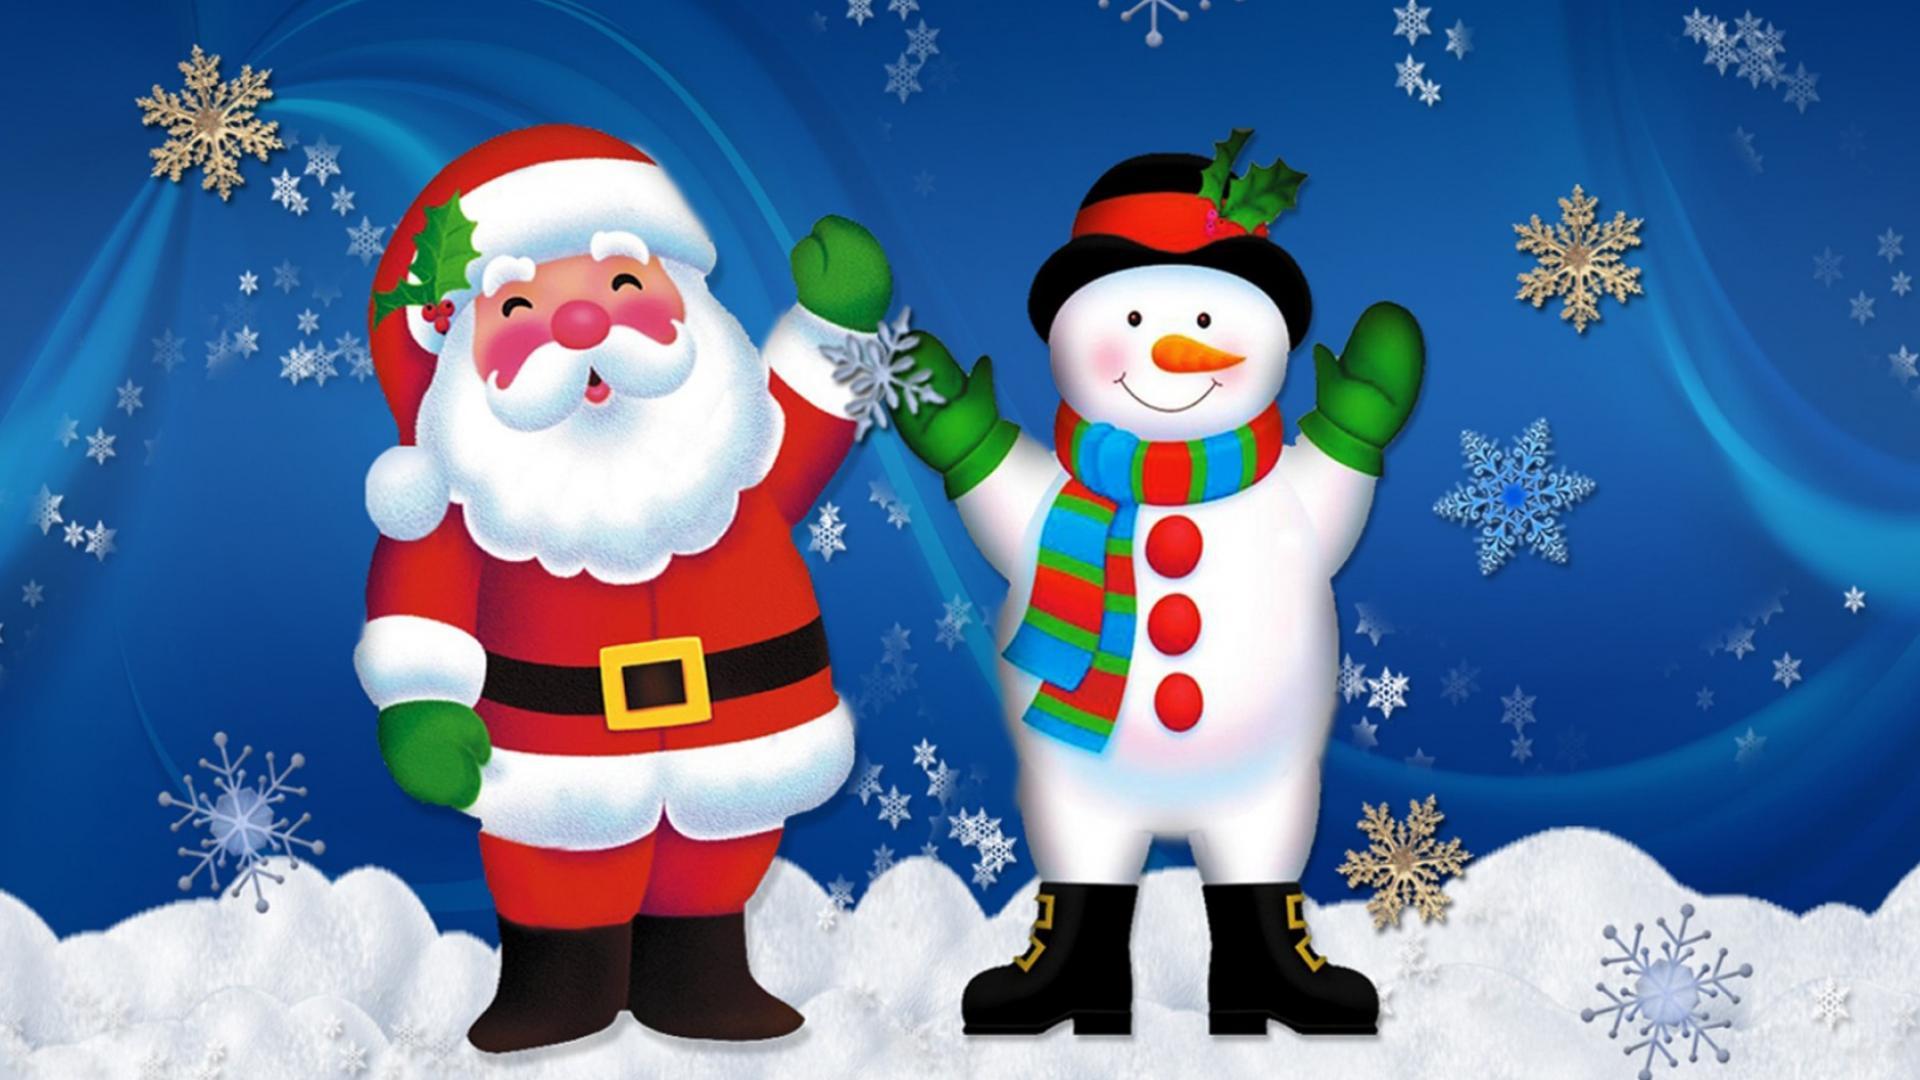 Дед Мороз и Снеговик - C наступающим новым годом 2018 поздравительные картинки